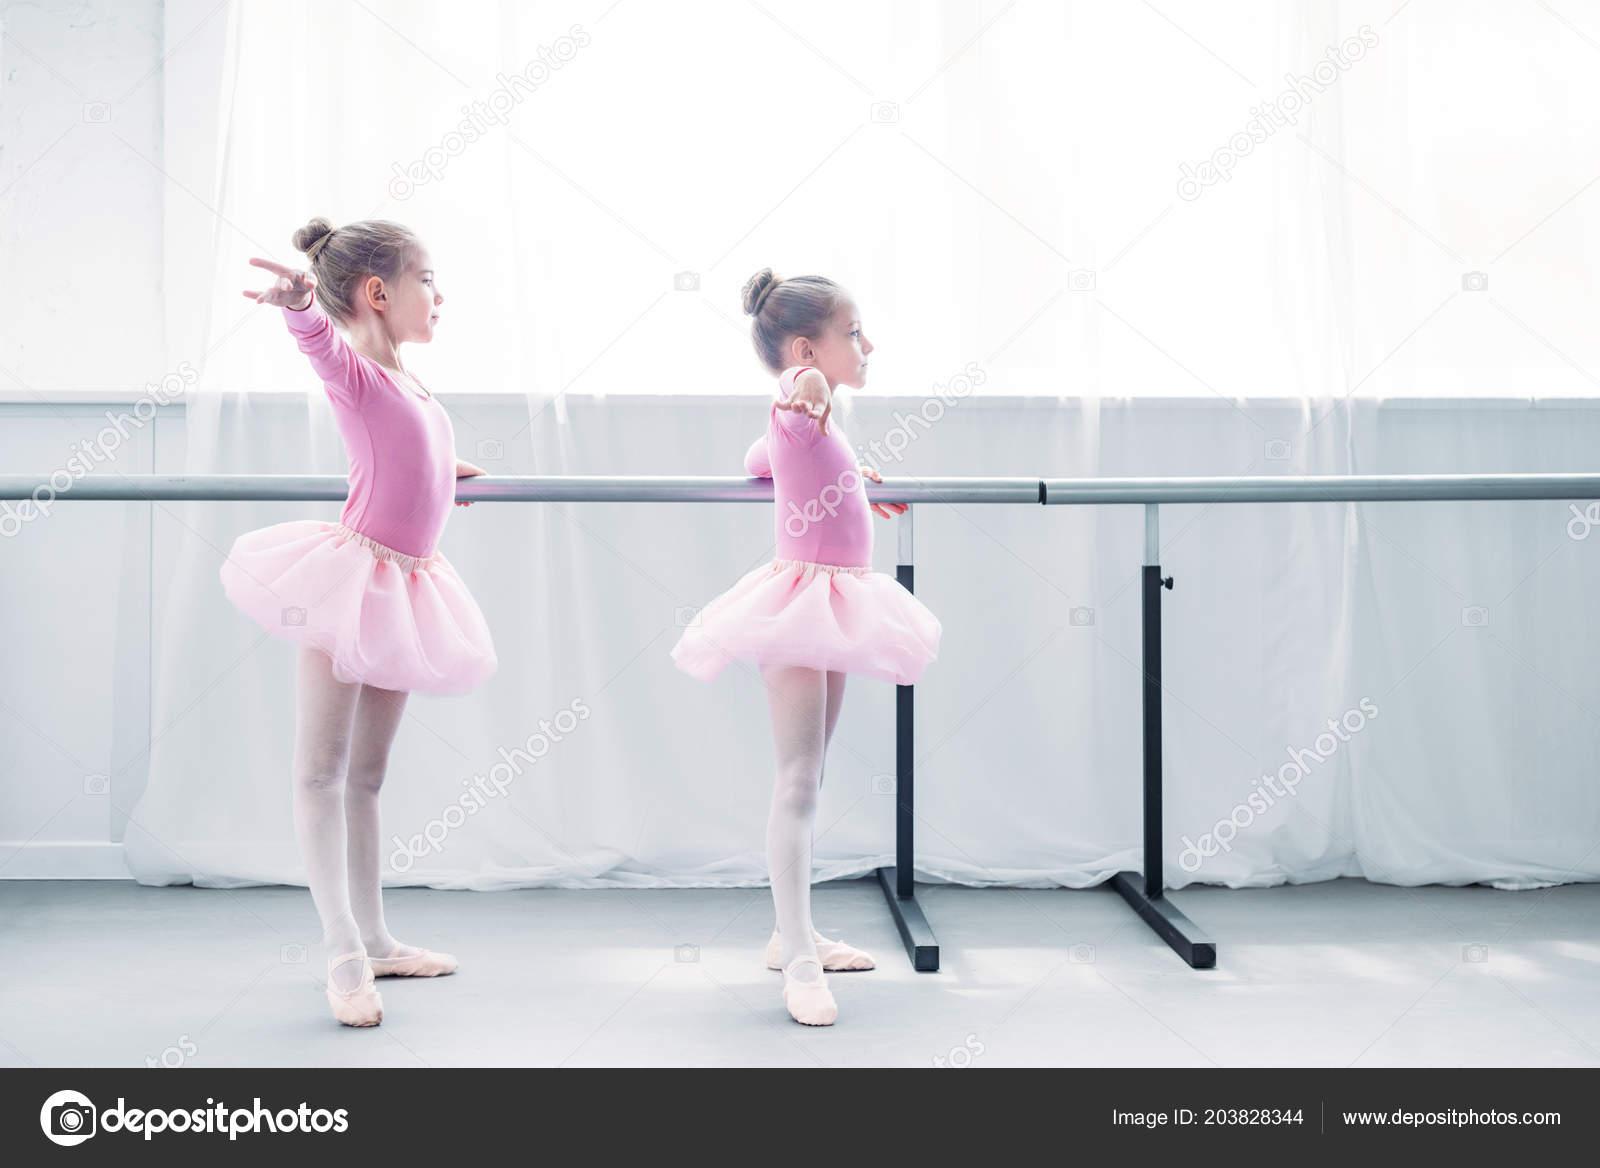 6ad20eb4275 Μερική Άποψη Του Όμορφα Παιδάκια Ροζ Τουτού Φούστες Εξάσκηση Μπαλέτου — Φωτογραφία  Αρχείου